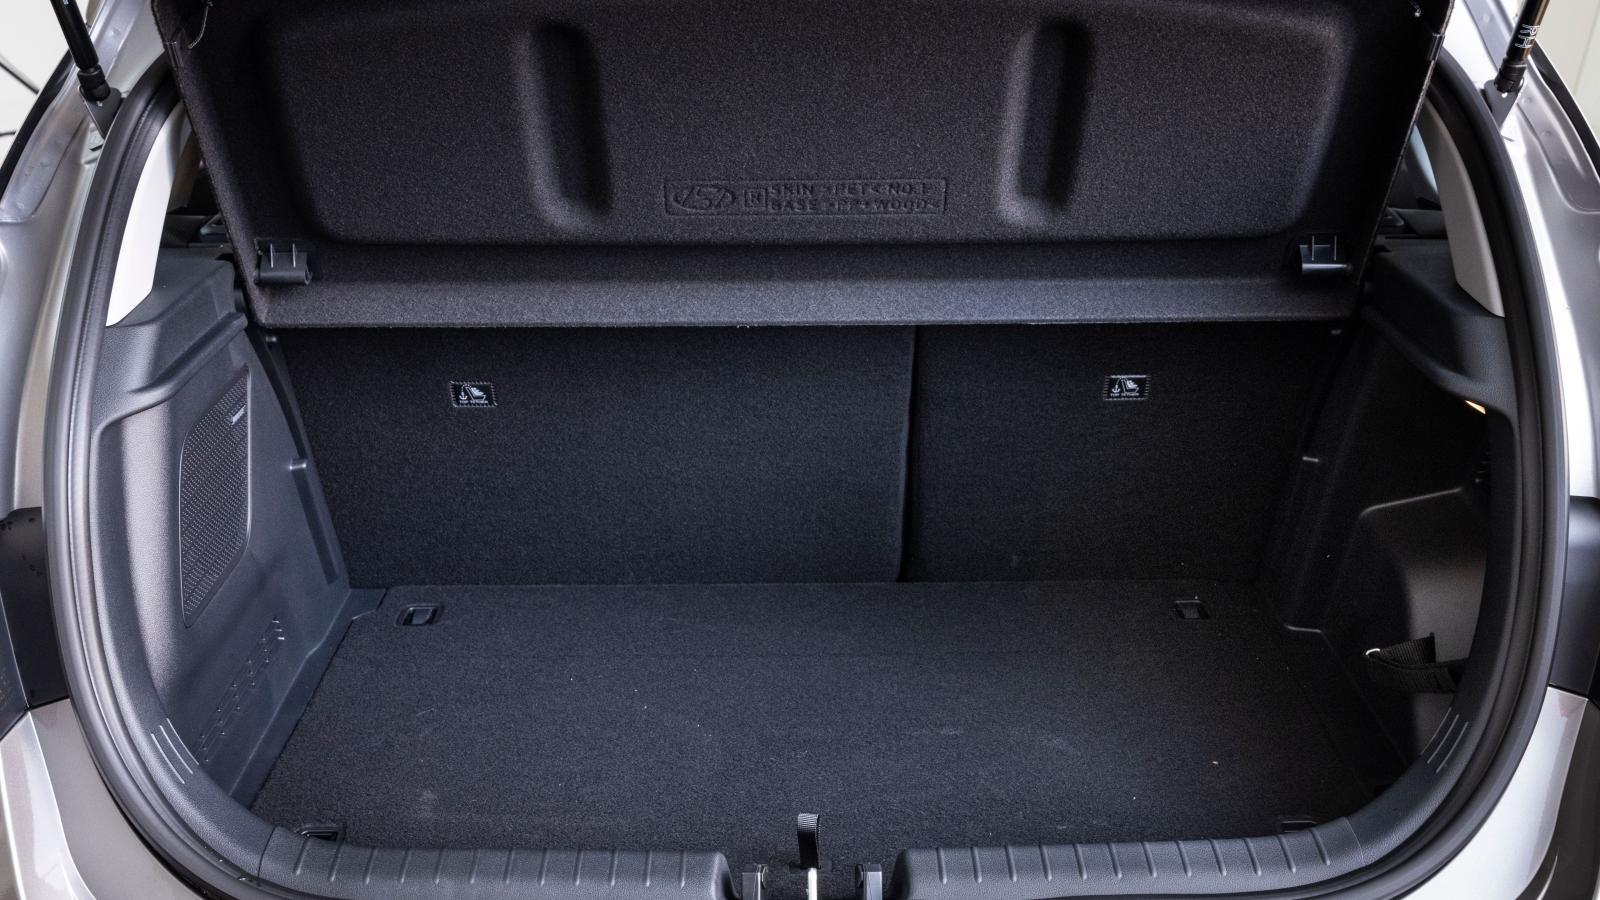 Hyundai: Hatthyllan har ett spår strax bakom baksätesryggen och behöver inte lämnas utanför bilen om man lastar något som kräver höjd. Det dubbla lastgolvets krokar är anpassade för ett förvaringsnät, inte för att säkra tyngre last. Ingen tröskel vid fällt baksäte (60/40). Djup och repkänslig stötfångare.